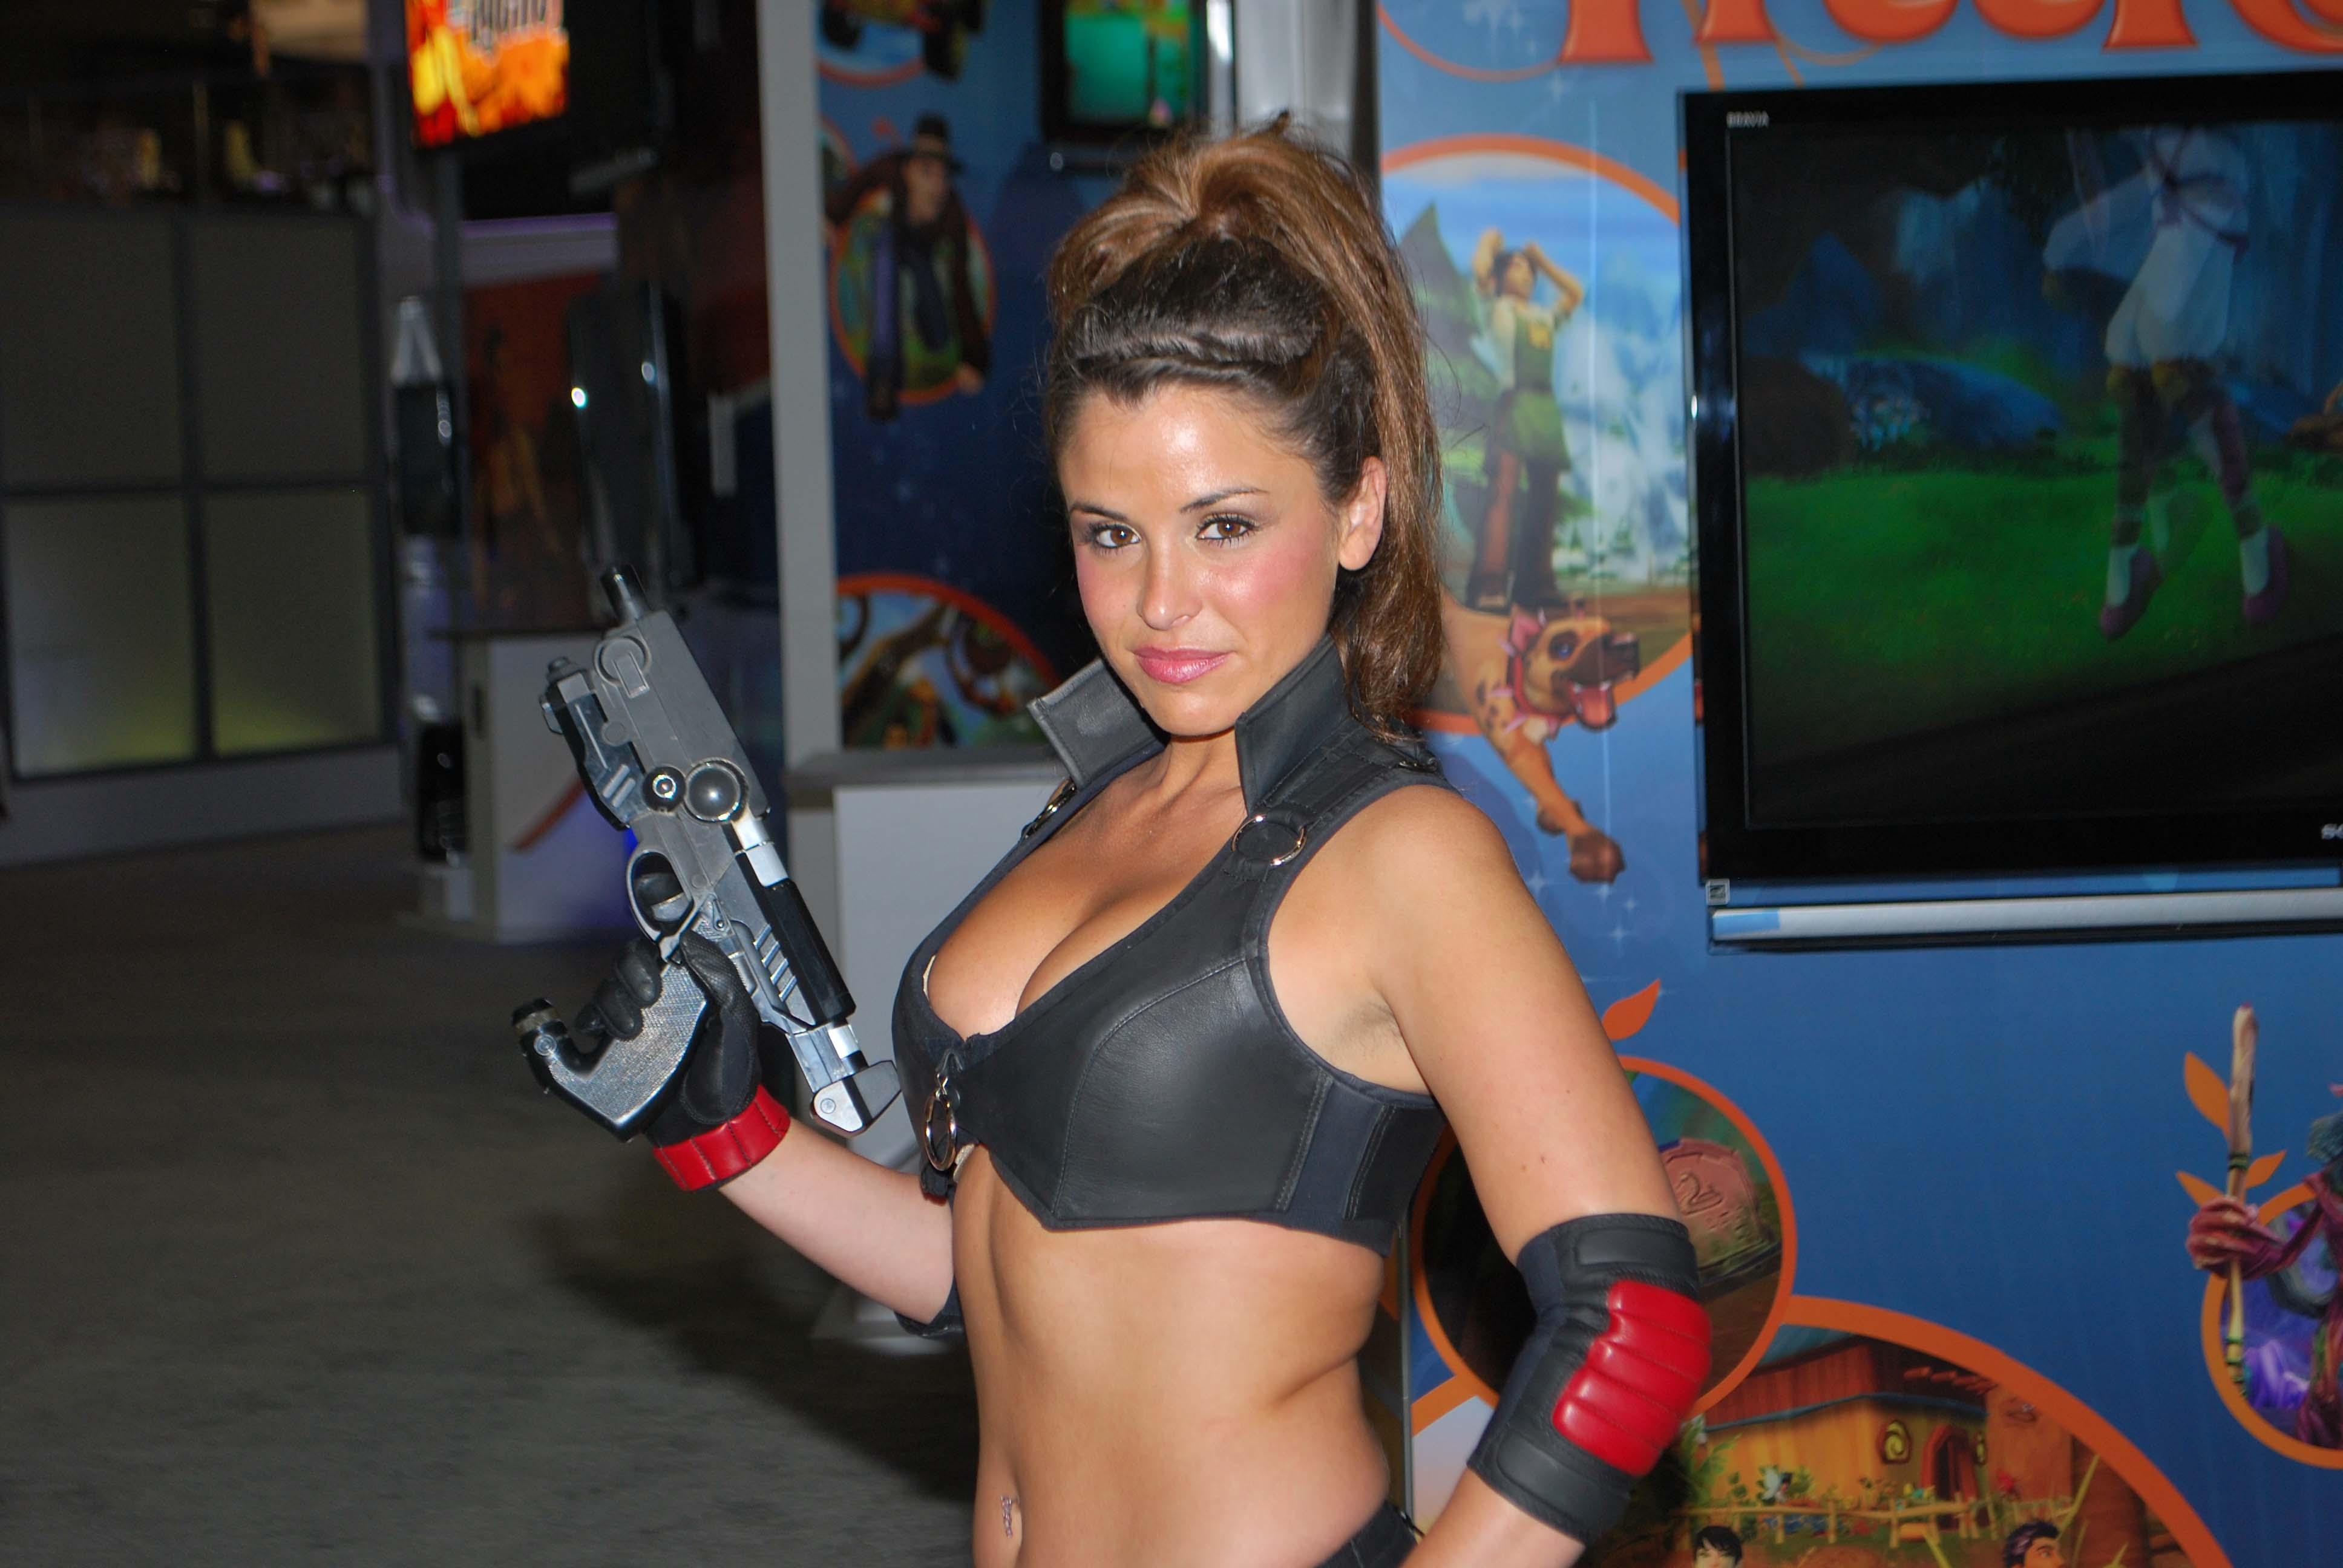 e3 2009 booth babe with gun